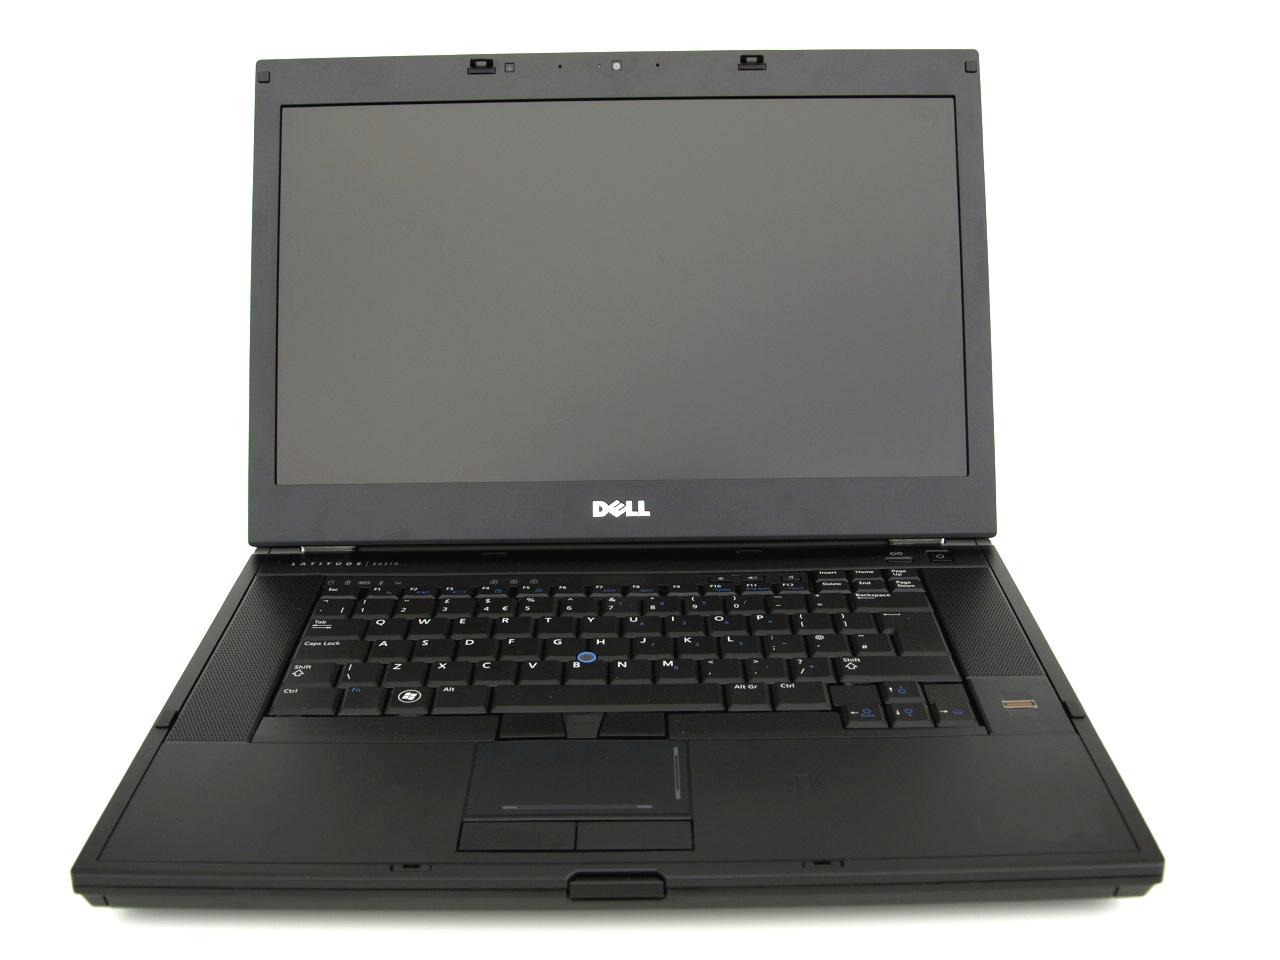 Laptop DELL Latitude E6500, Intel Core 2 Duo T9400 2.53GHz, 4GB DDR2, 160GB SATA, DVD-RW, 15 Inch